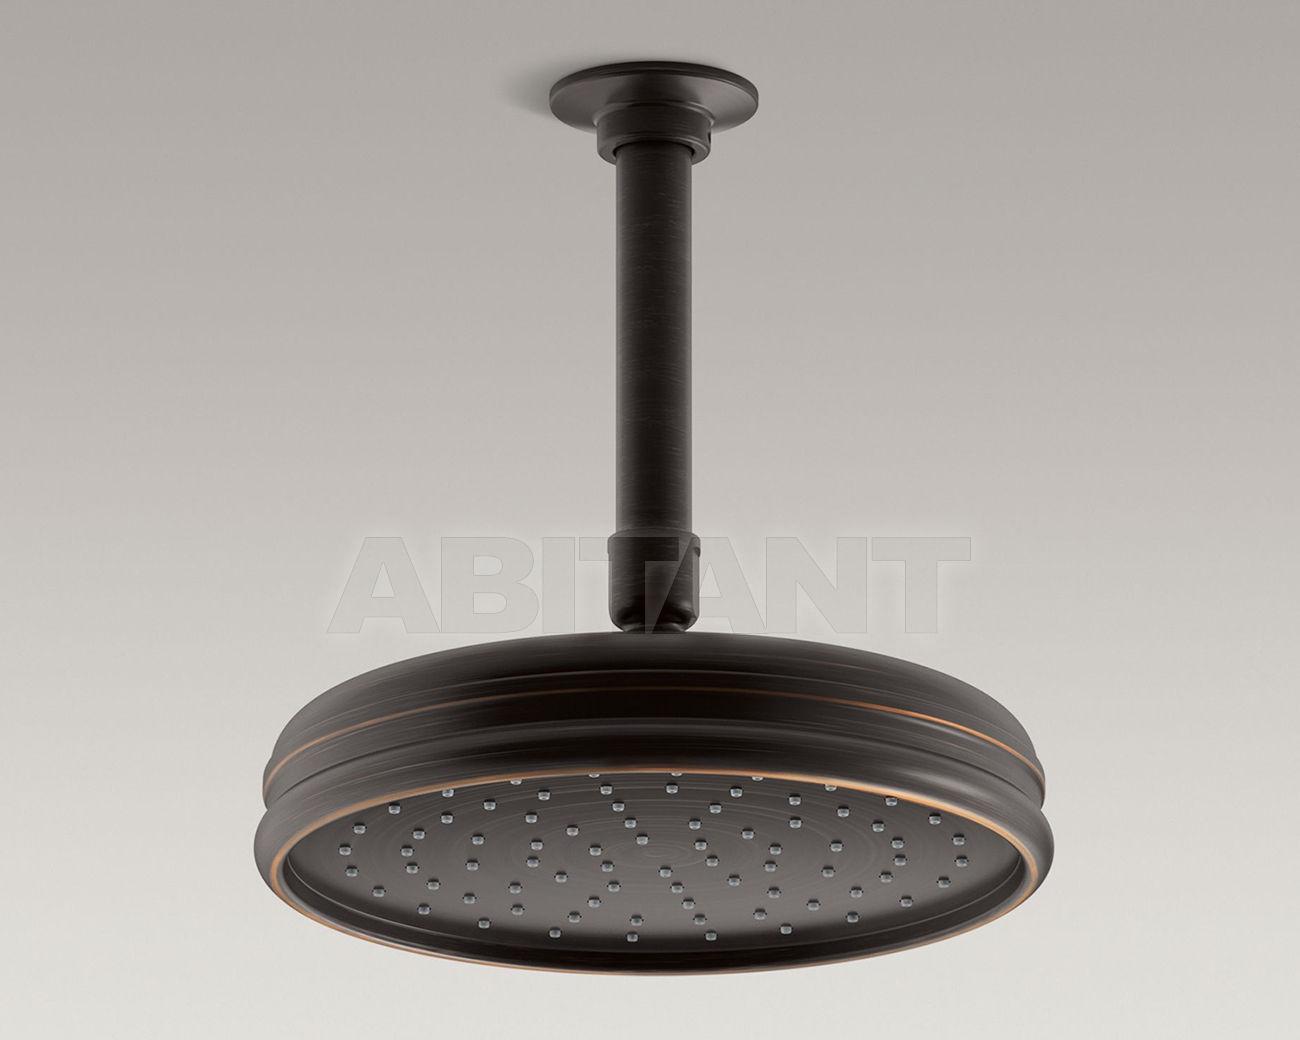 Купить Лейка душевая потолочная Traditional Round Kohler 2015 K-13692-2BZ